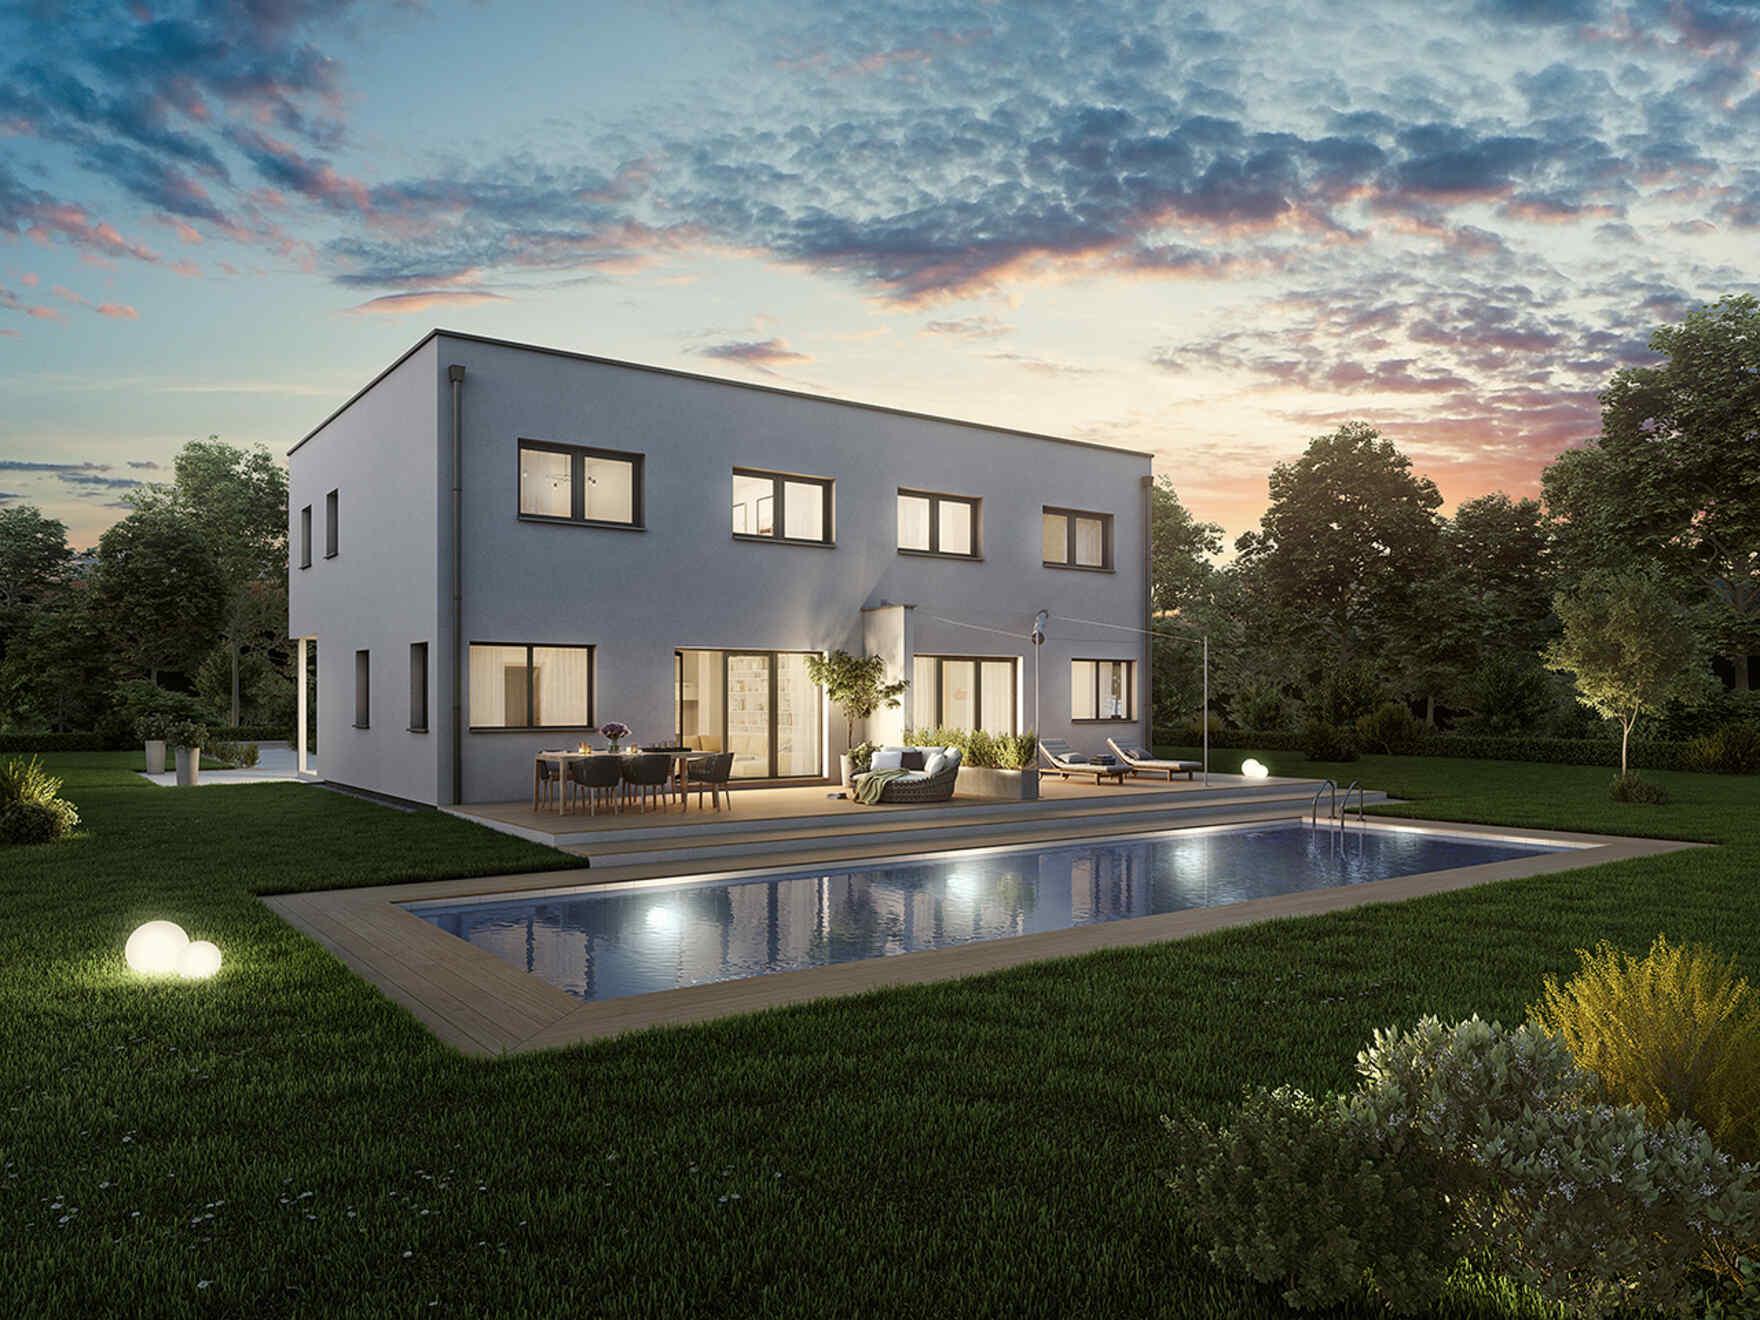 Maison préfabriquée Duplex D113 S